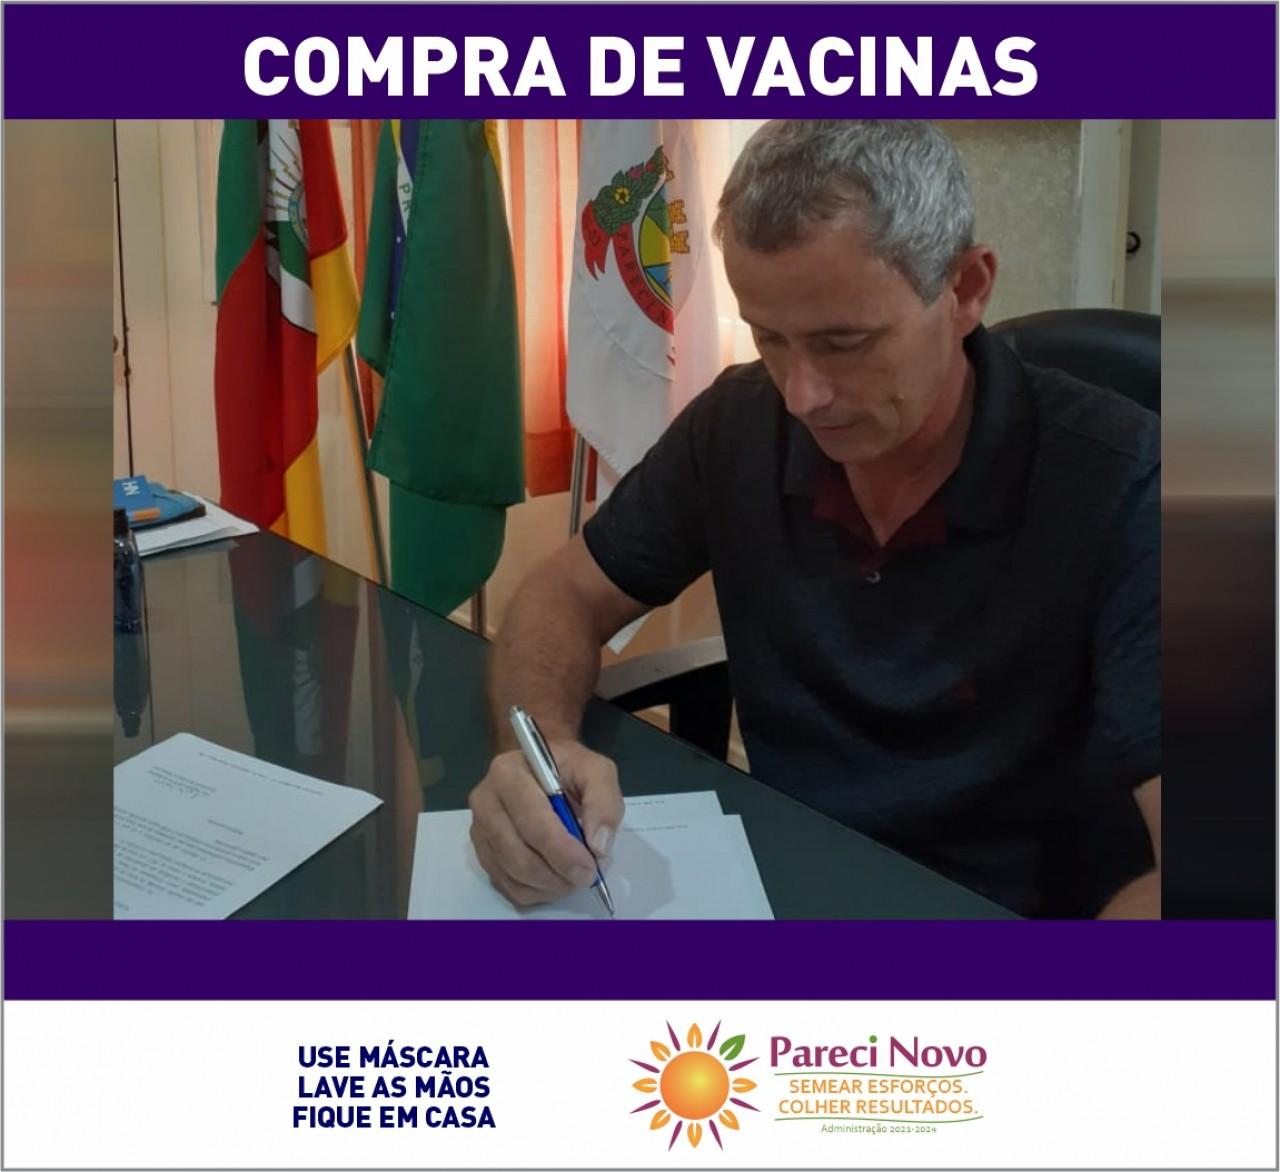 Compra de Vacinas